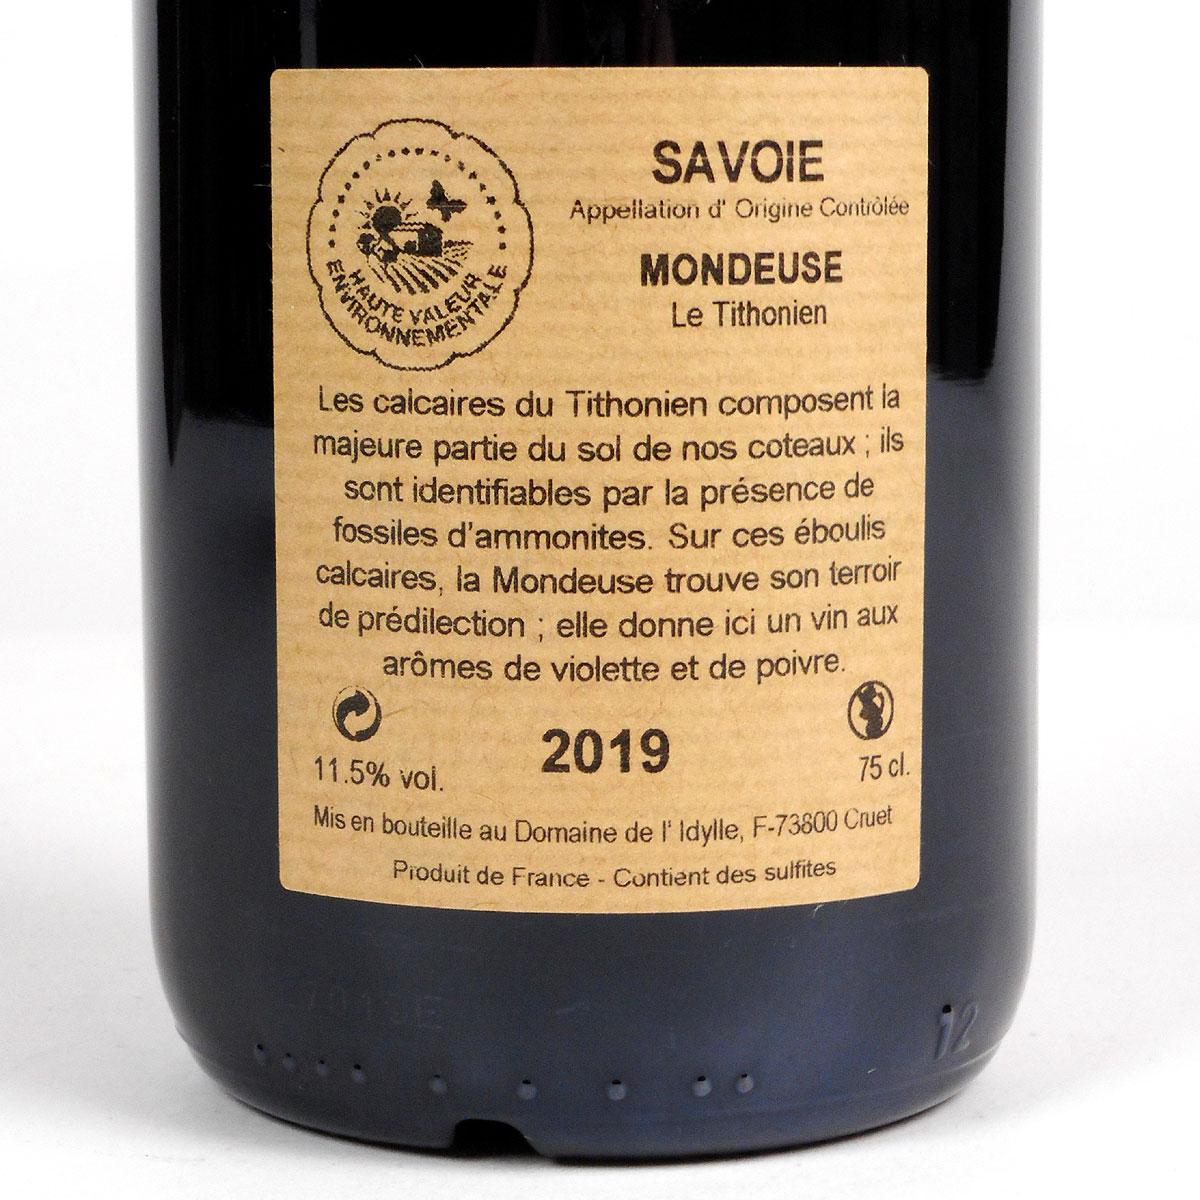 Savoie: Domaine de L'Idylle Mondeuse 'Le Tithonien' 2019 - Bottle Rear Label